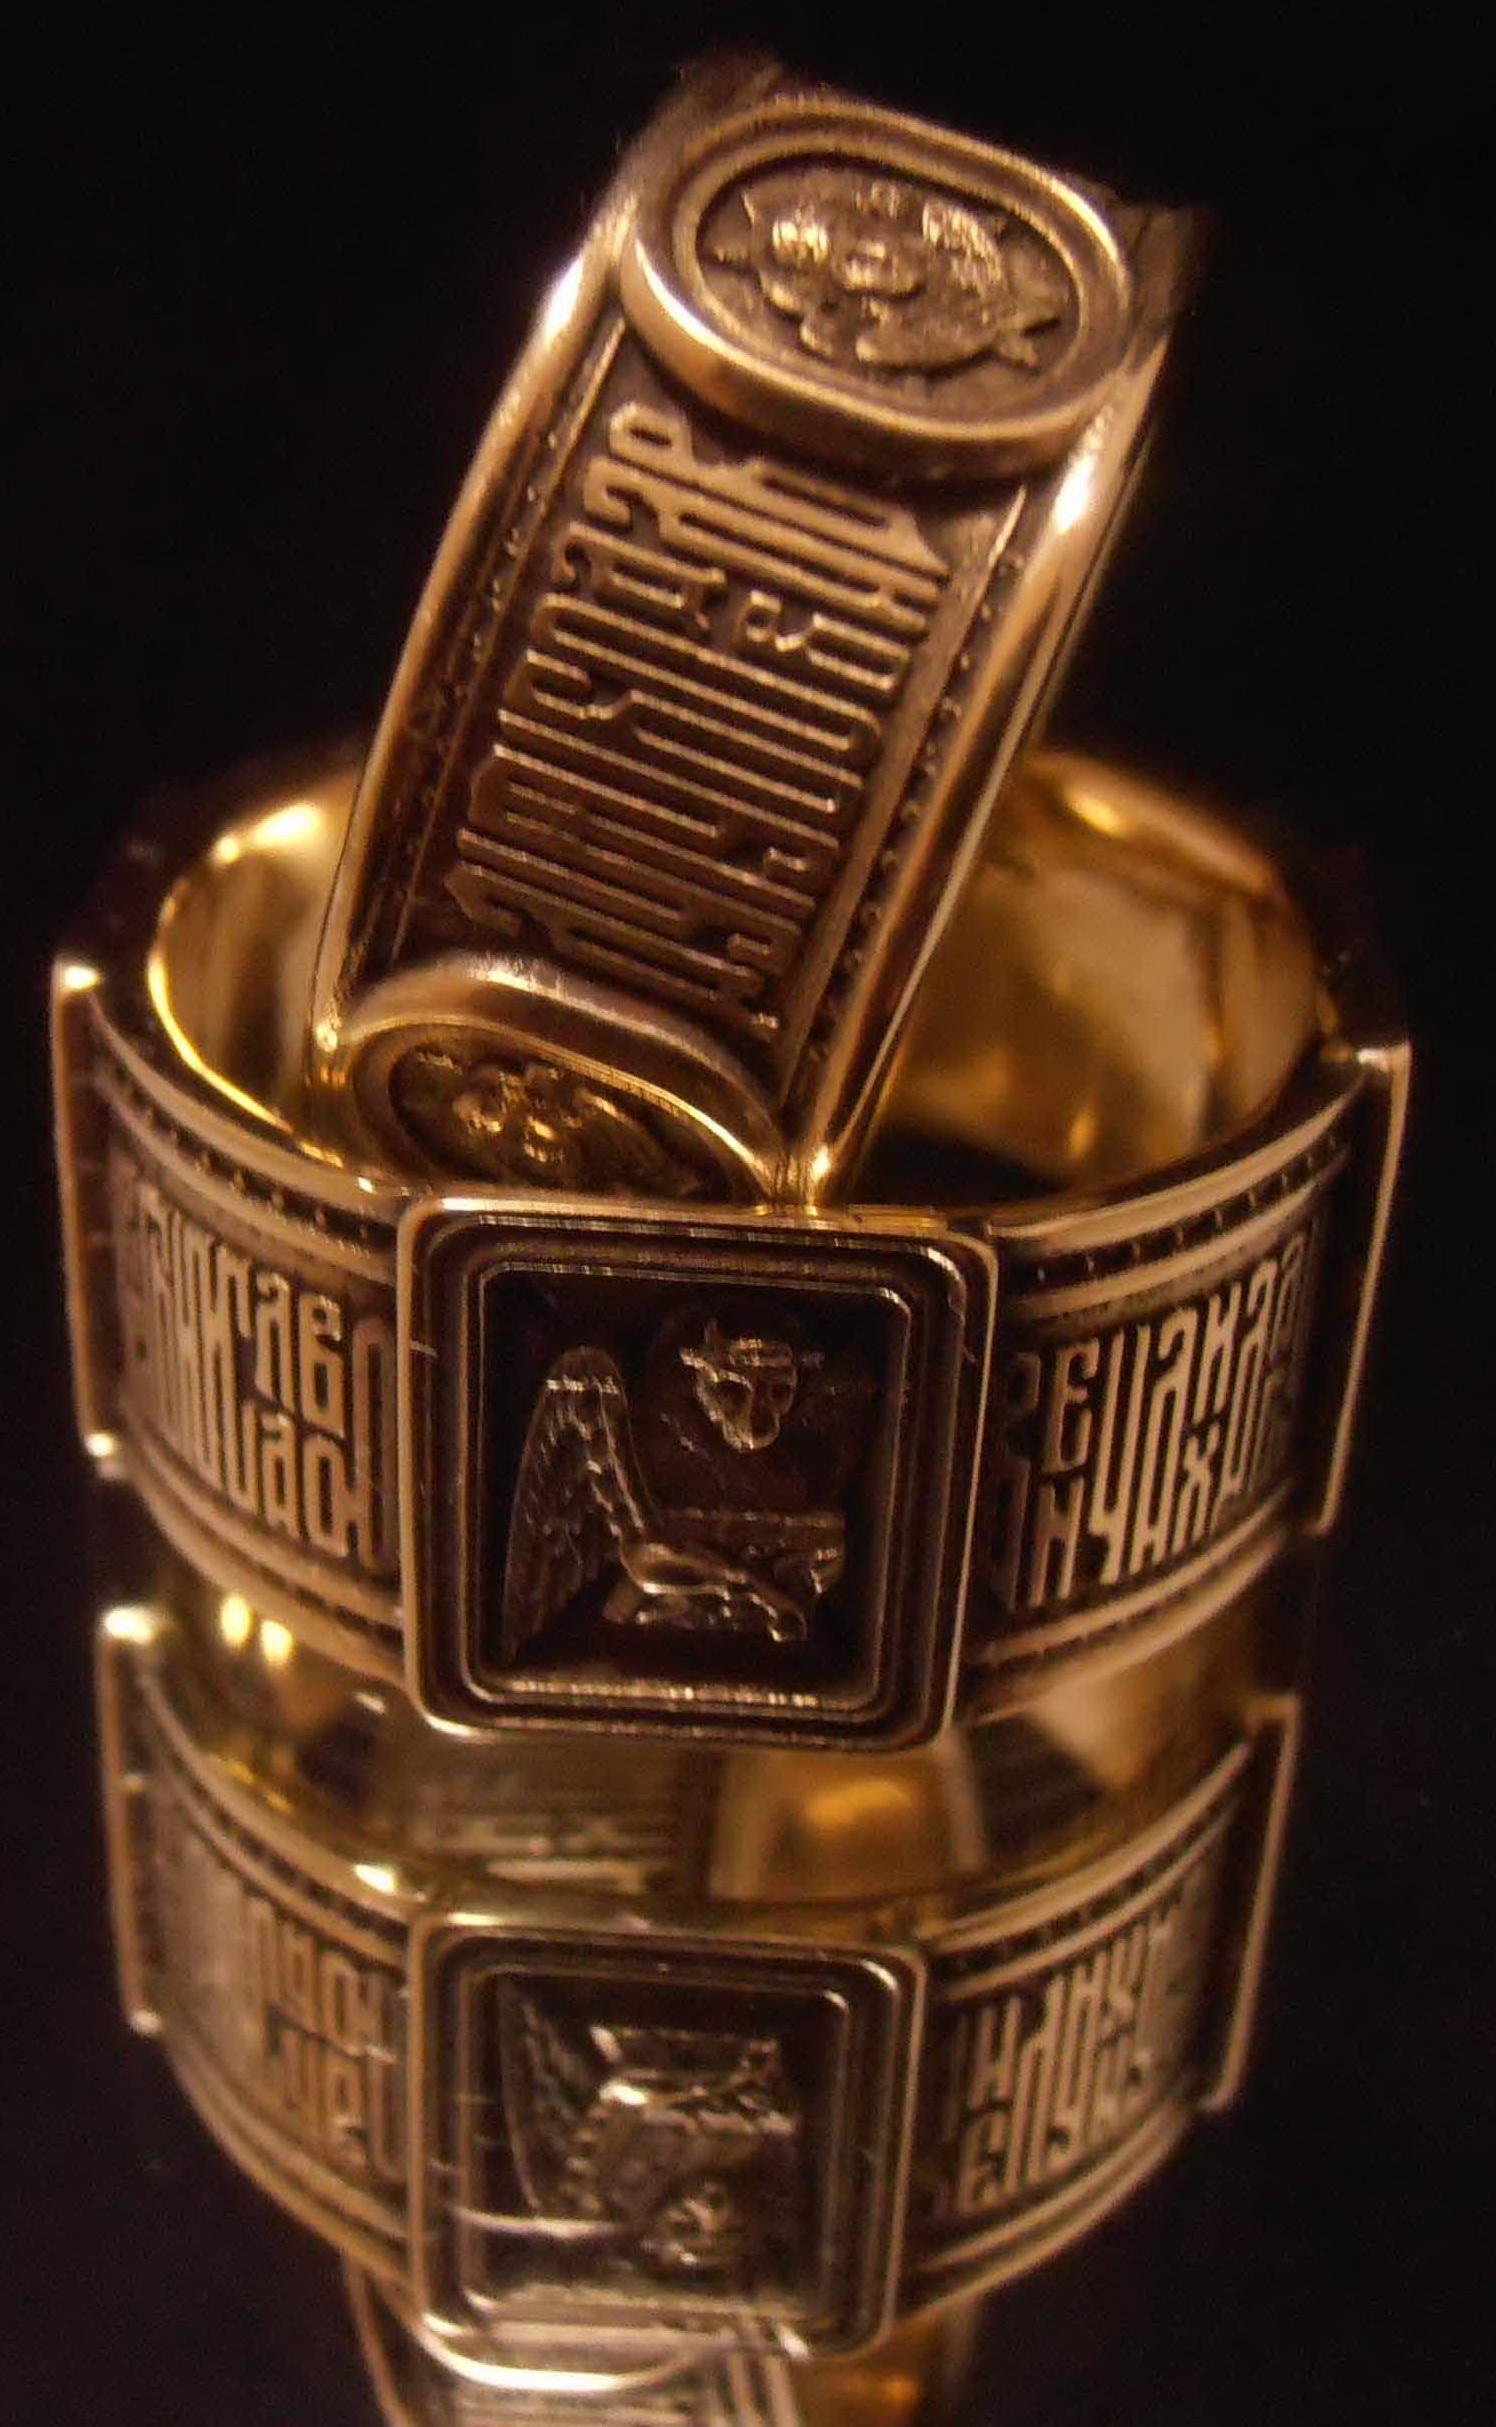 ювелирные изделия, мужские браслеты